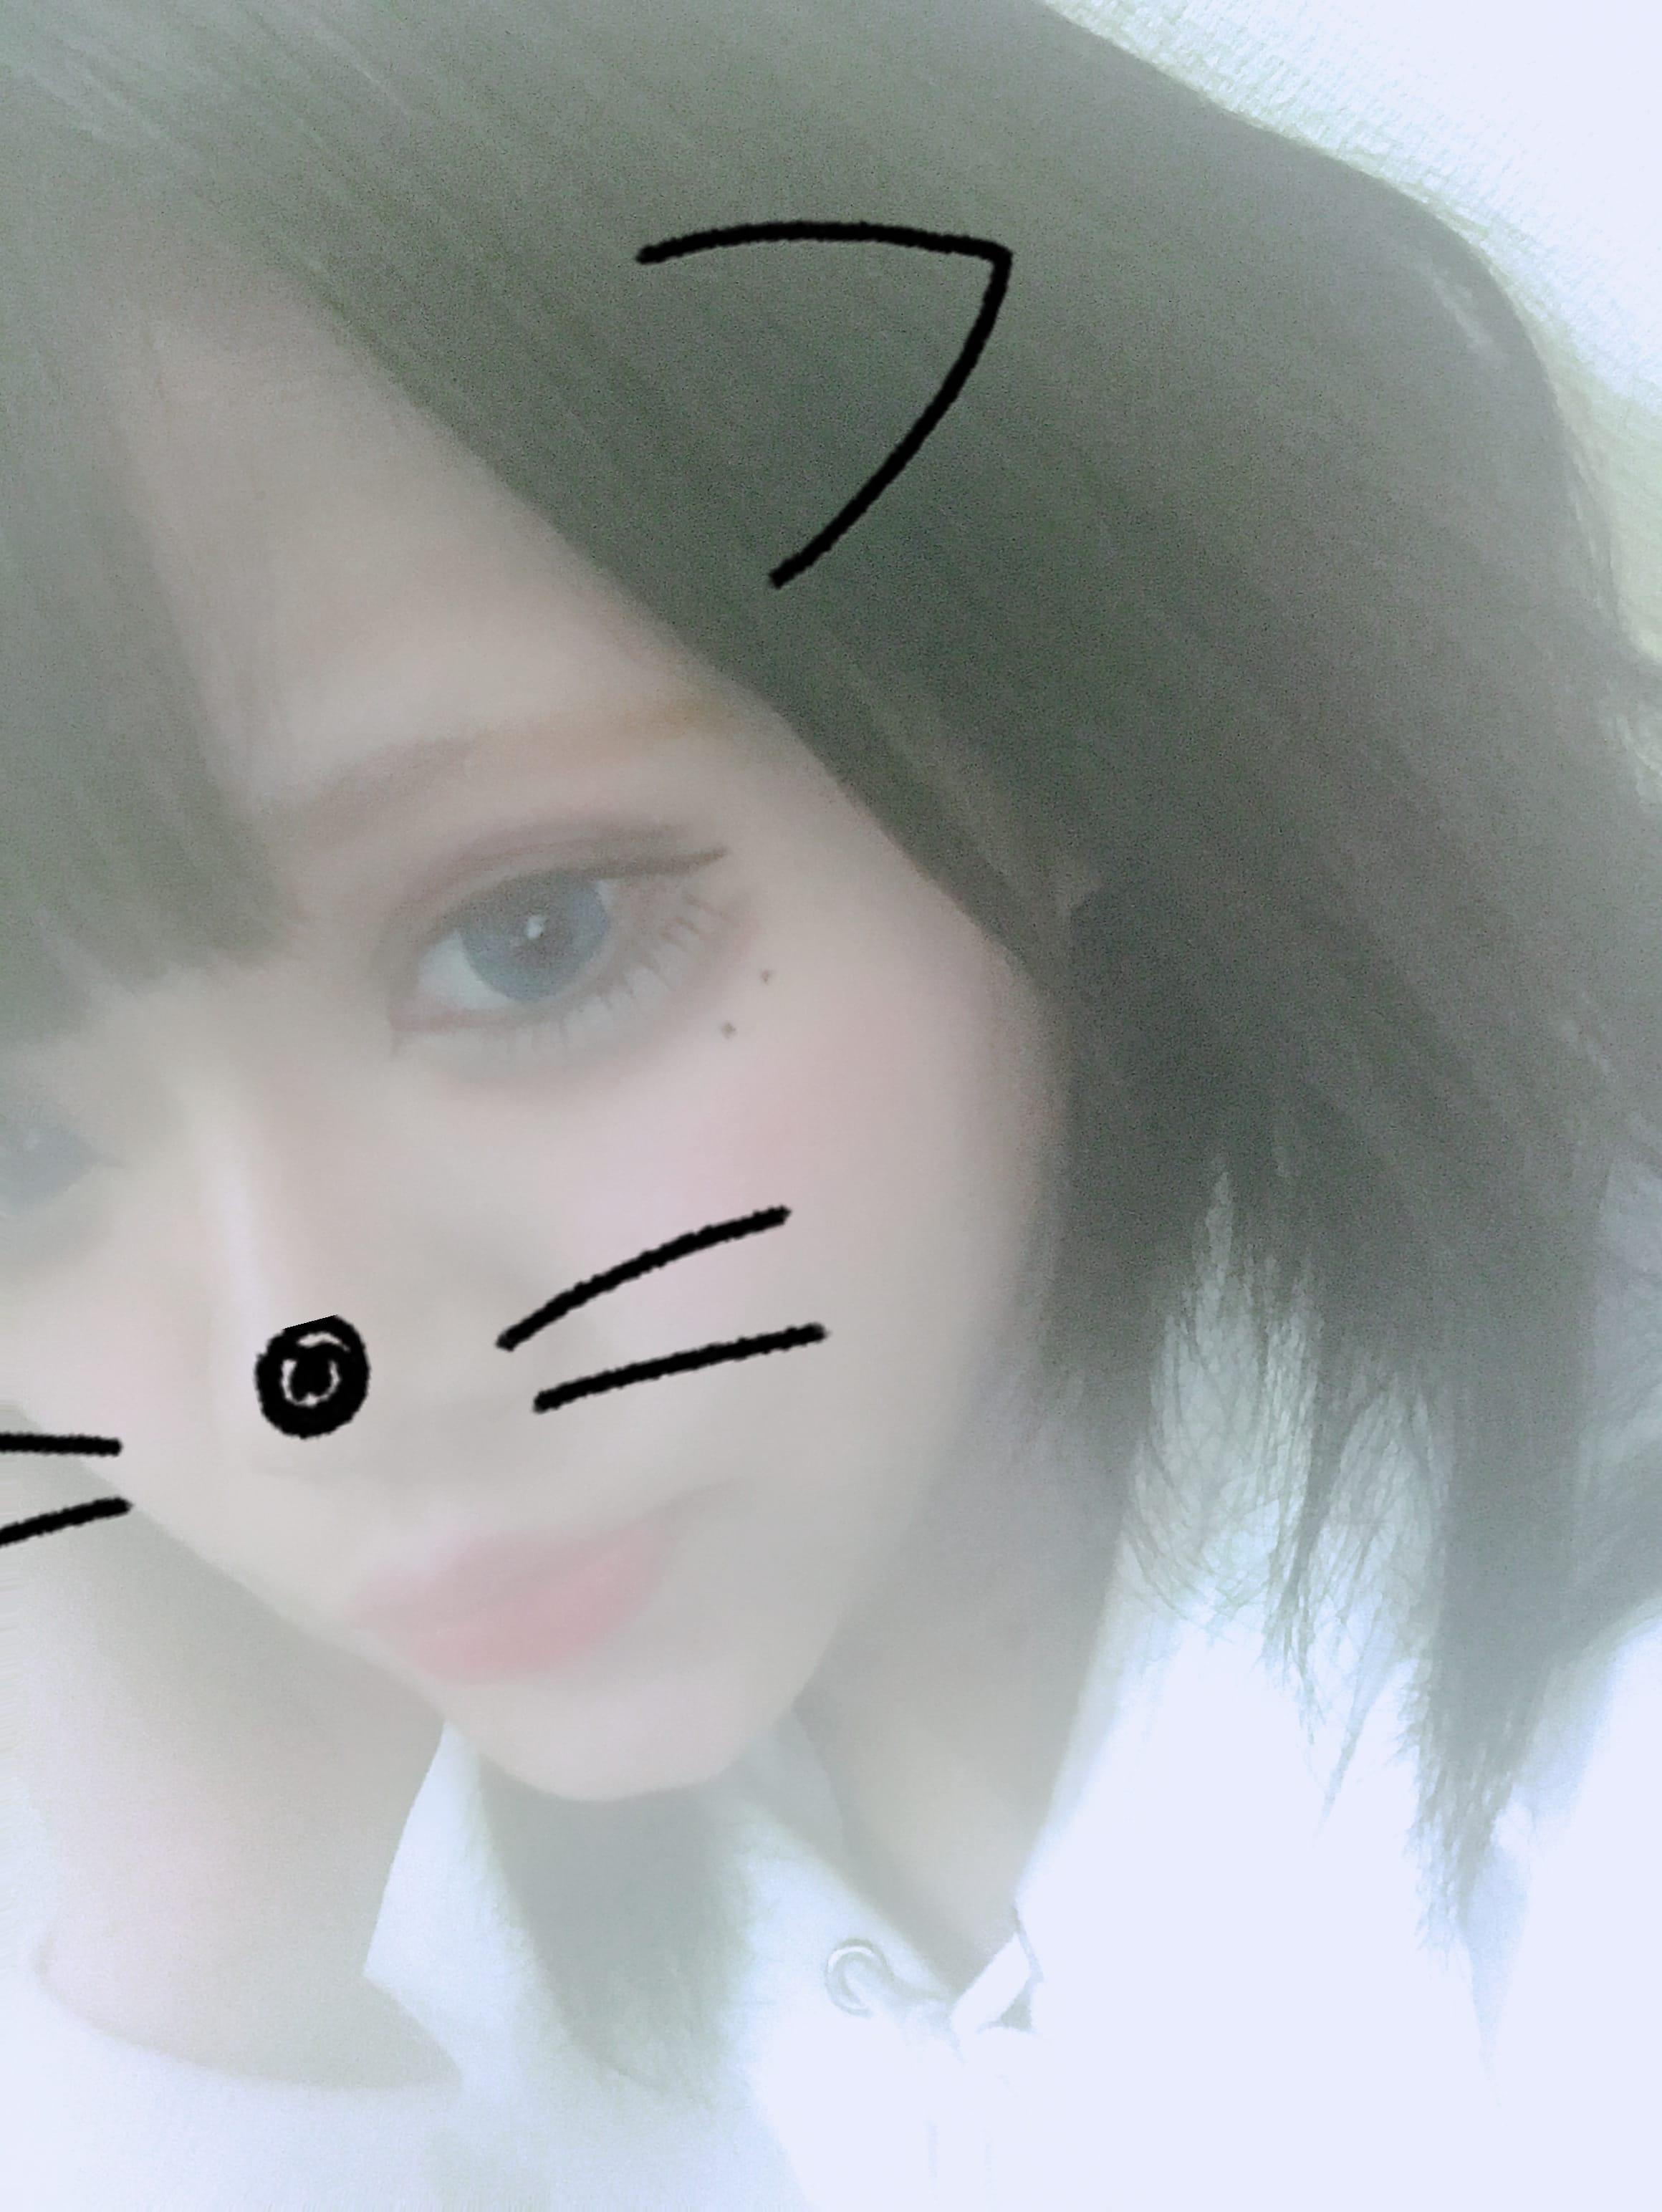 「あーそーぼー」03/23(金) 23:16 | ゆうひの写メ・風俗動画